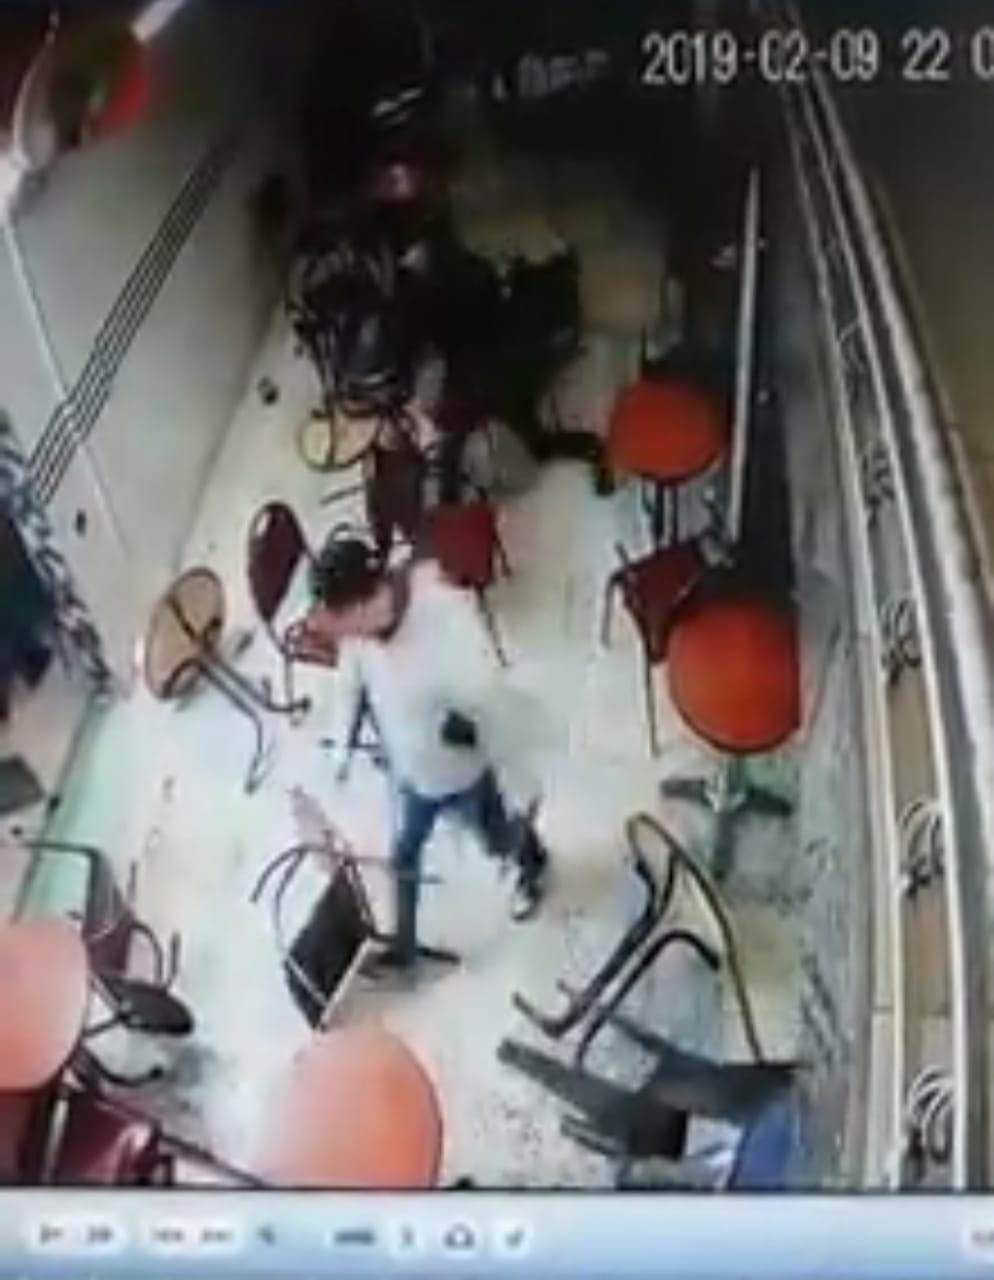 فيديو يستنفرُ الأمن والبحثُ جارٍ عن المشتبهِ بهِ